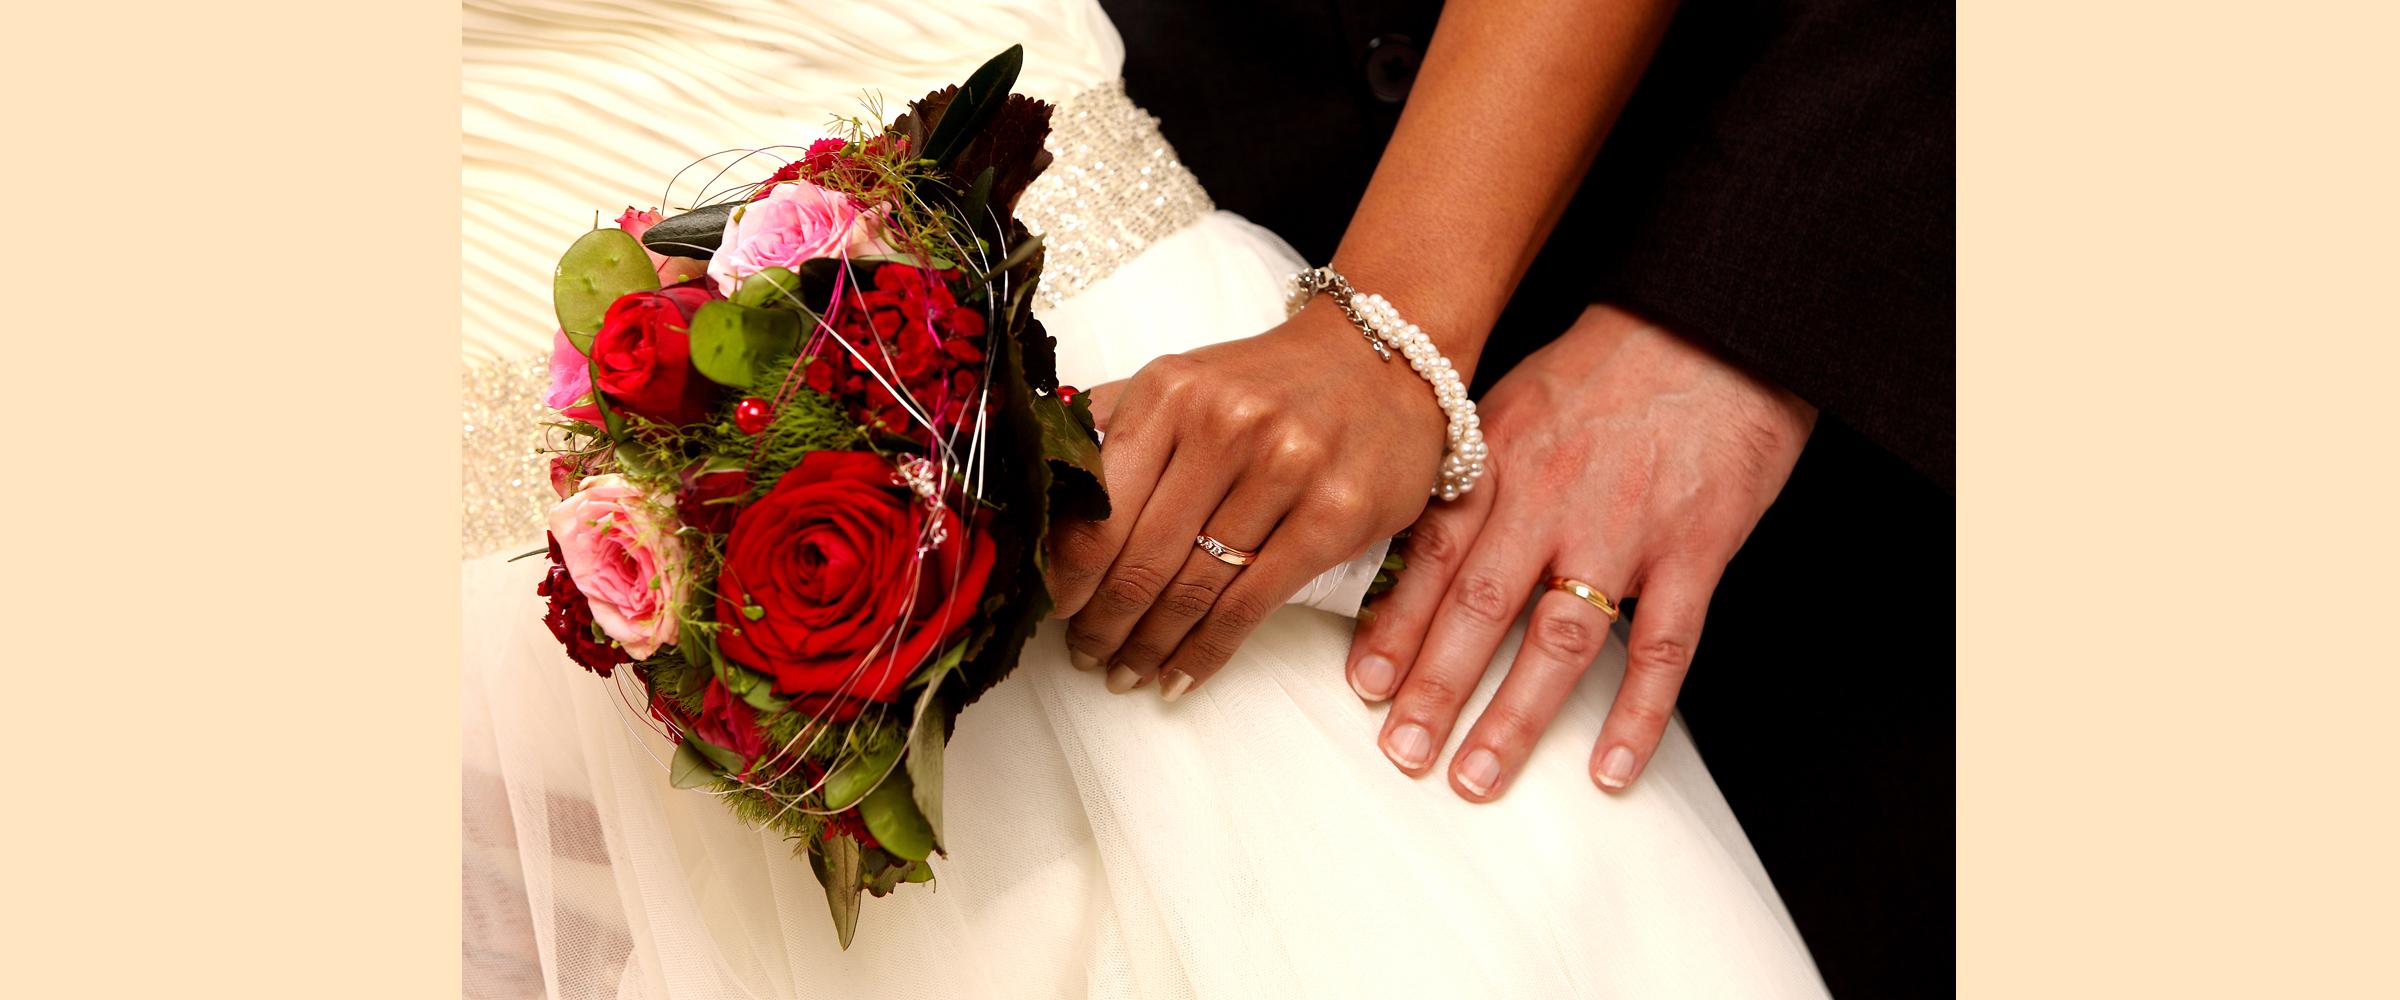 Hochzeitsportrait von der Hand eines Mannes und einer Frau (Brautpaar) mit goldenen Eheringen, und die Frau hält einen Brautstrauß aus Rosen fest.